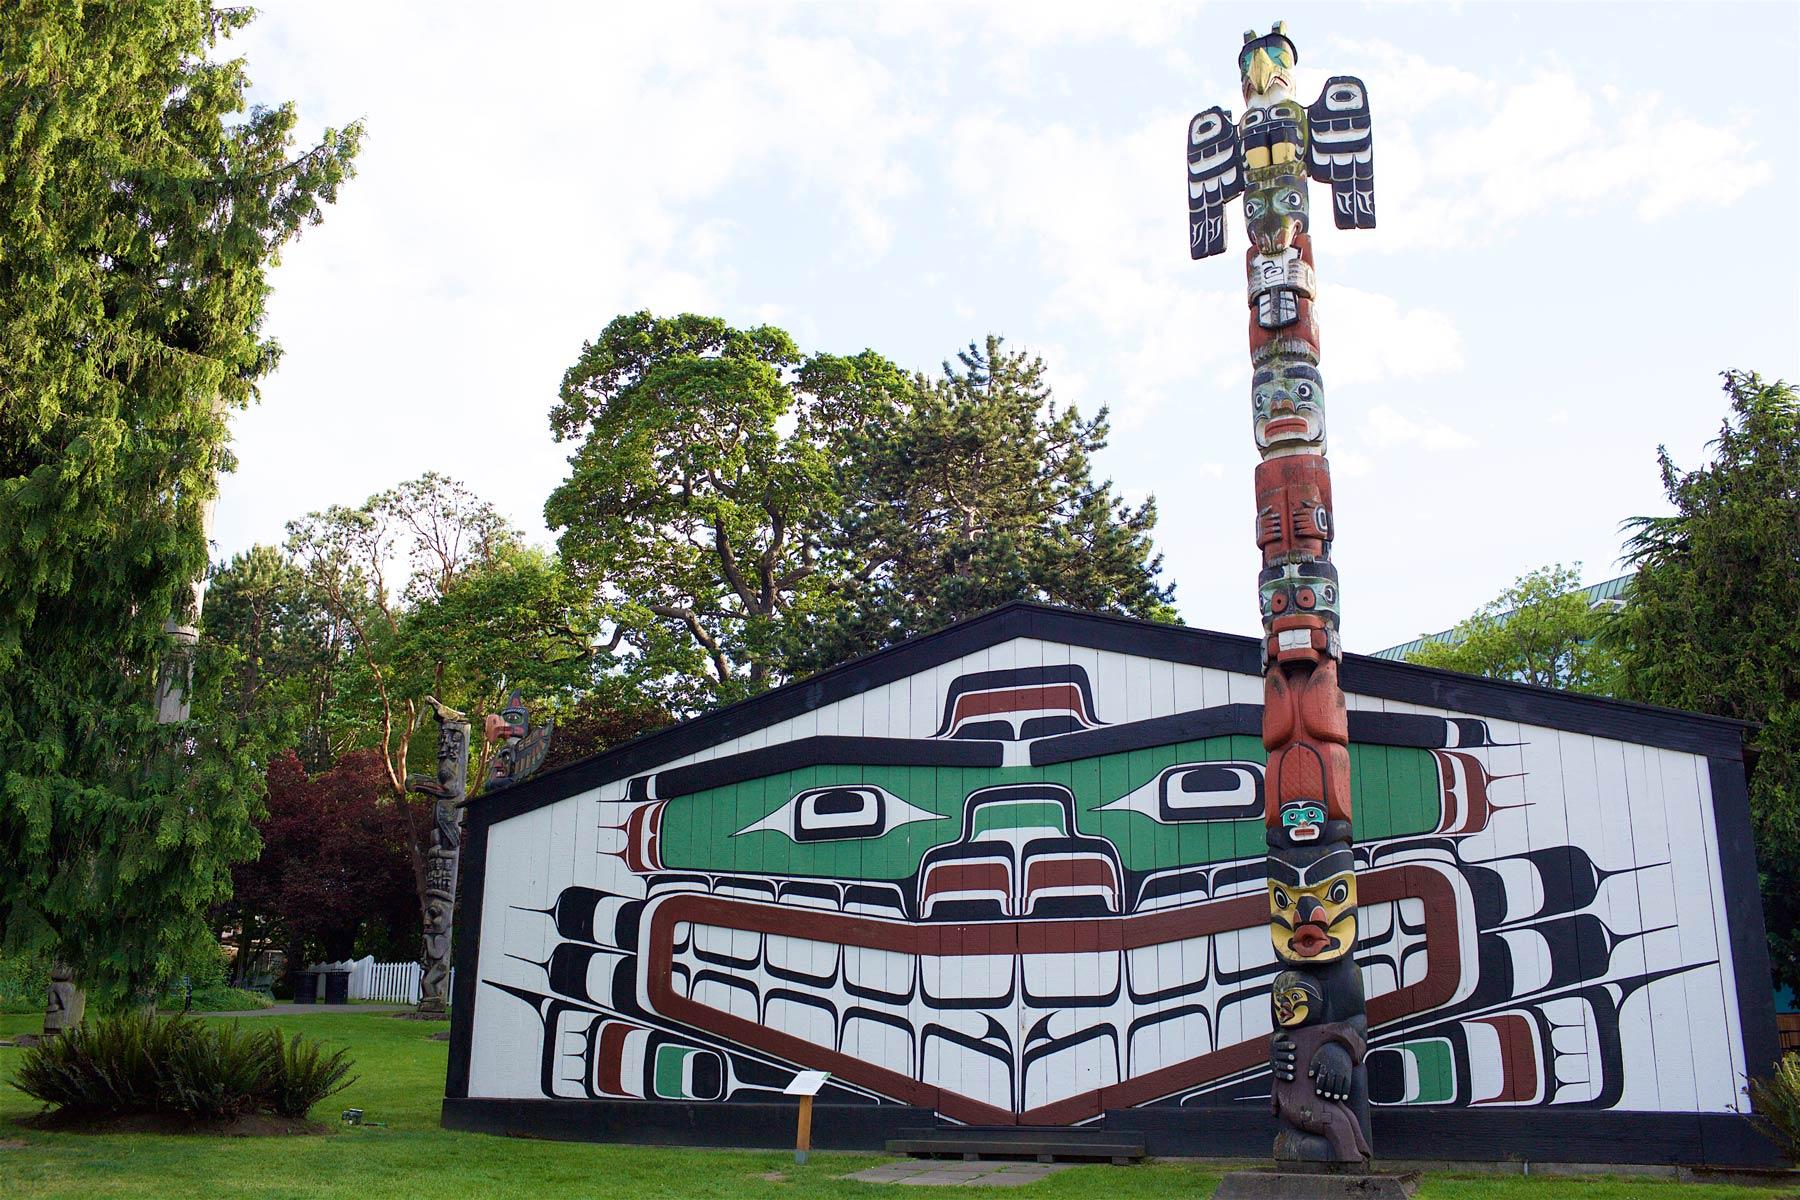 Thunderbird Parkissa Victorian keskustassa on useita toteemeja, joista ensimmäiset pystytettiin 1940-luvulla. (c) Alex Kampion/tripsteri.fi